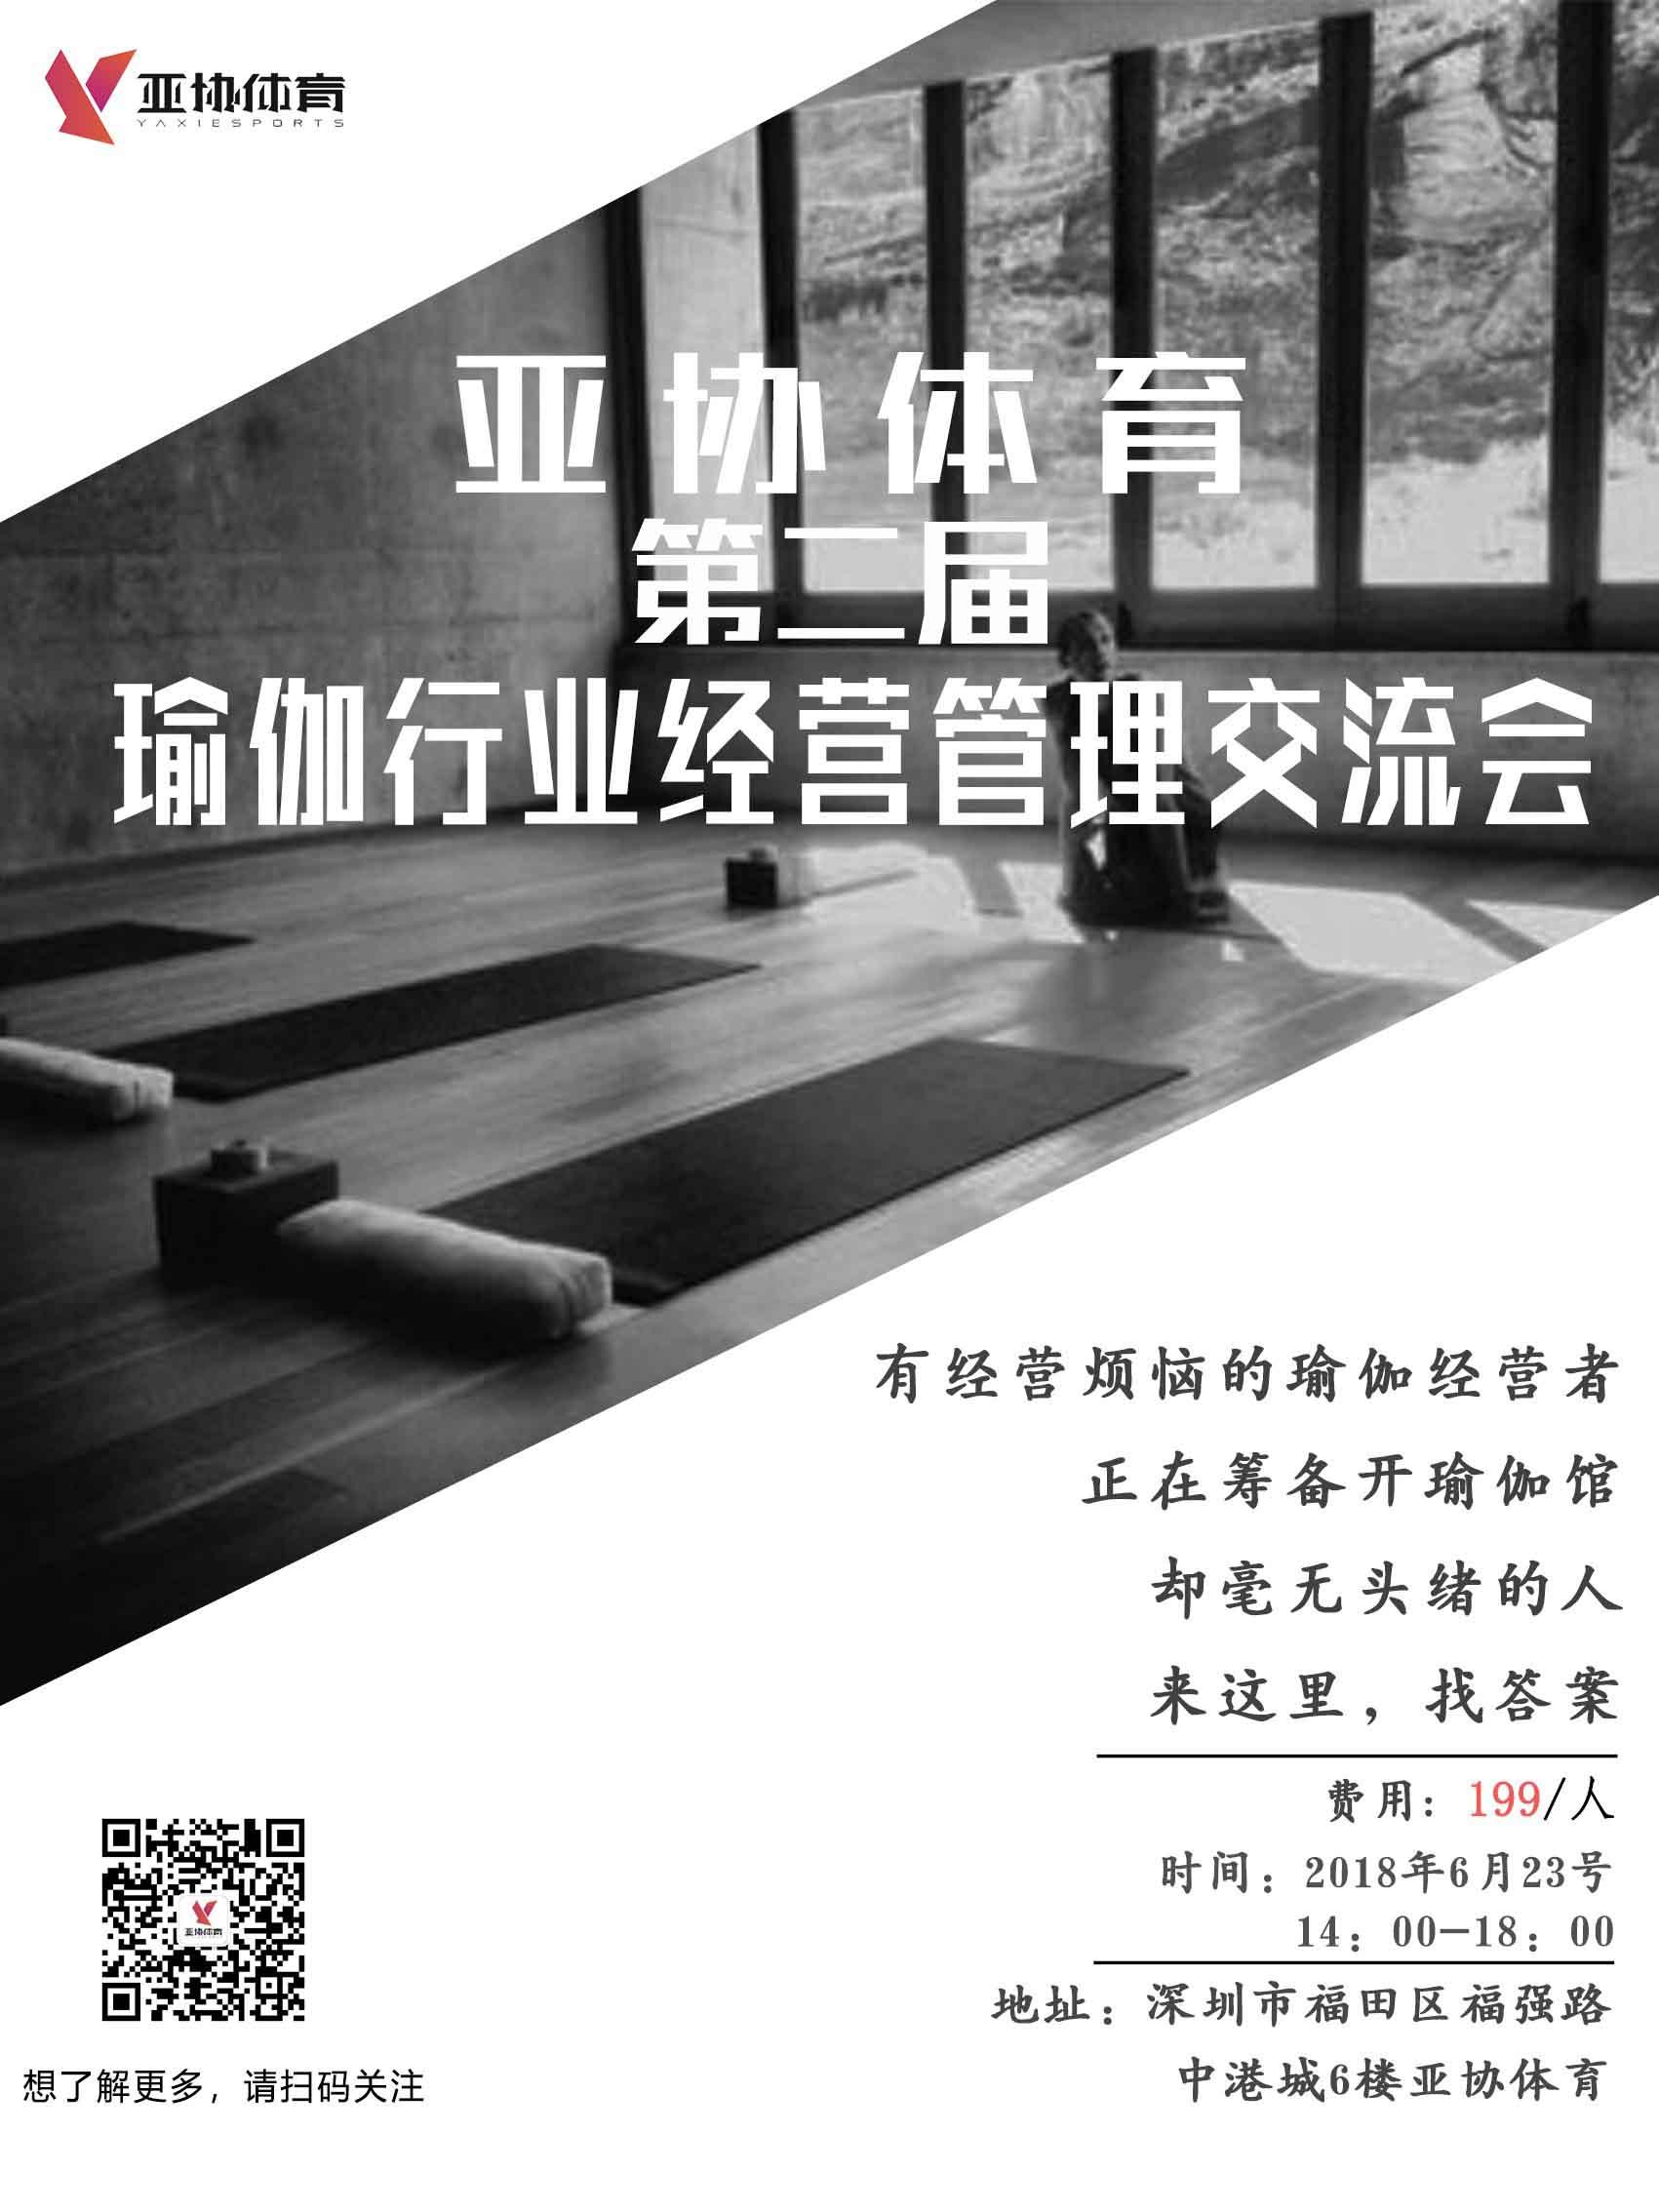 6月23日,亚协第二届瑜伽经管会,诚邀您参加!